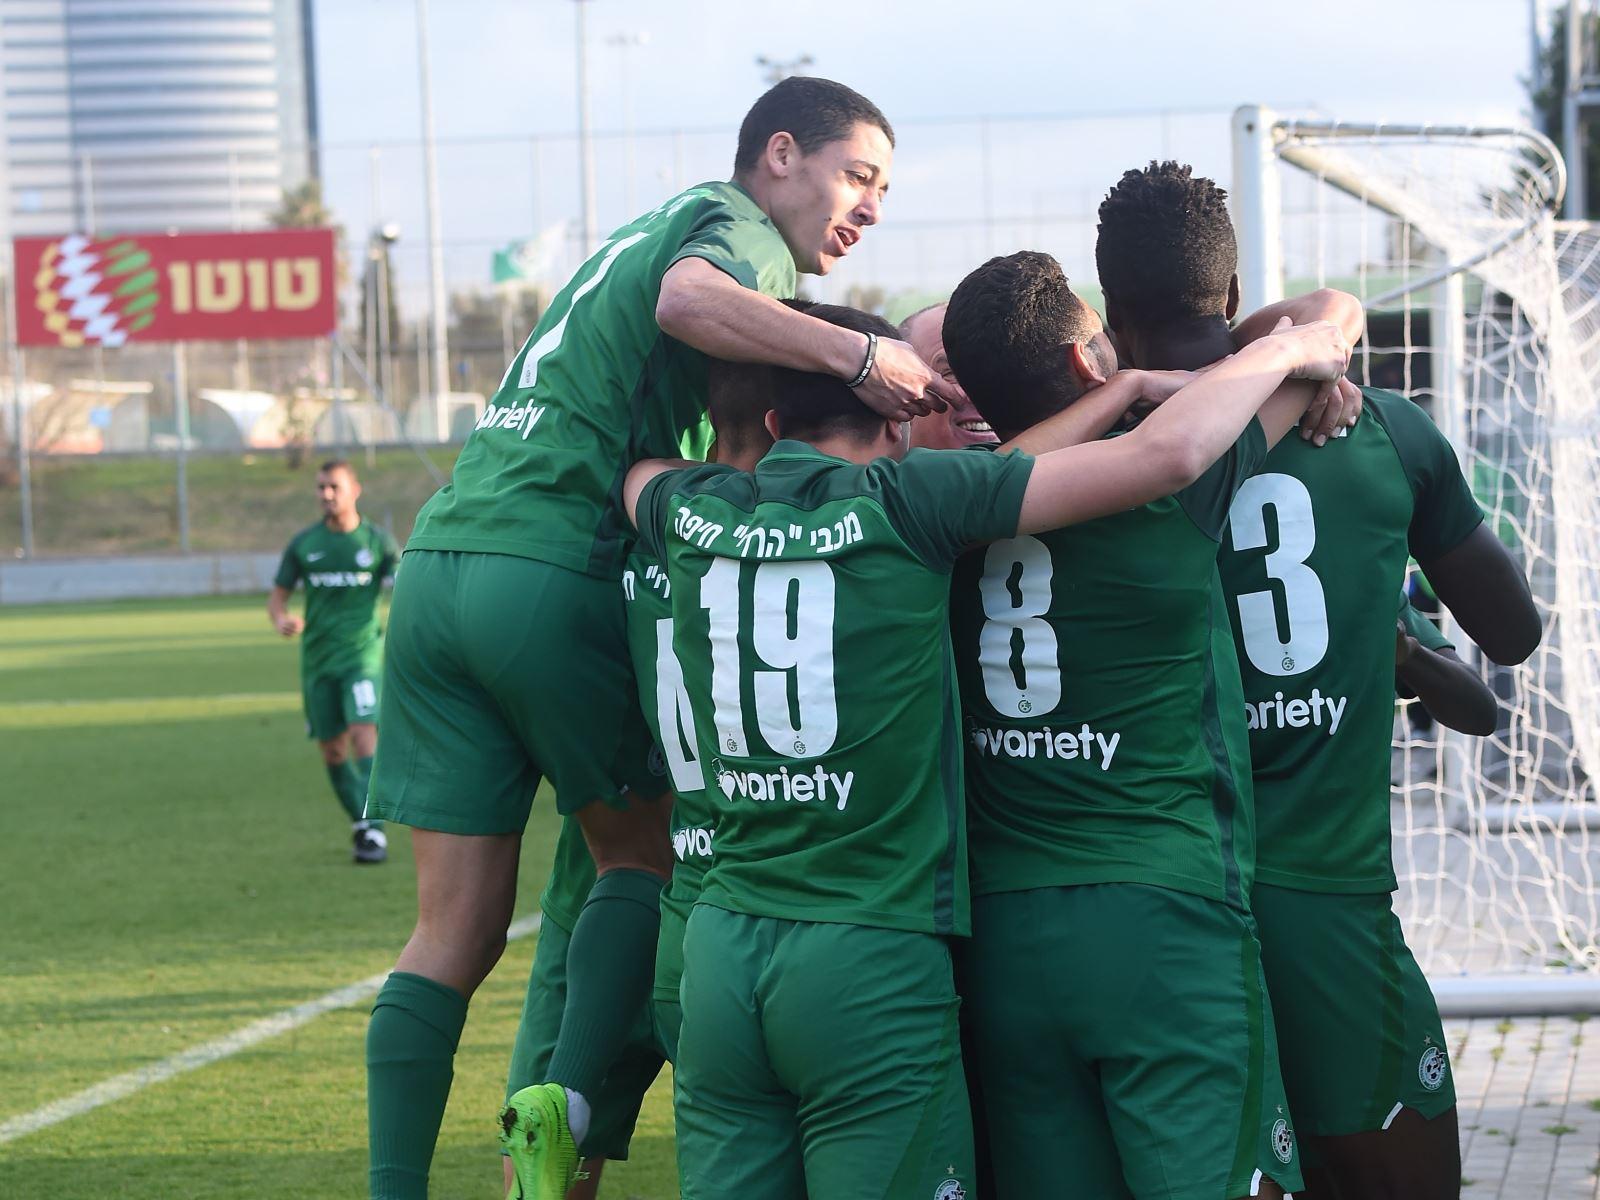 הנוער ניצחו 1:3 בהארכה את טוברוק